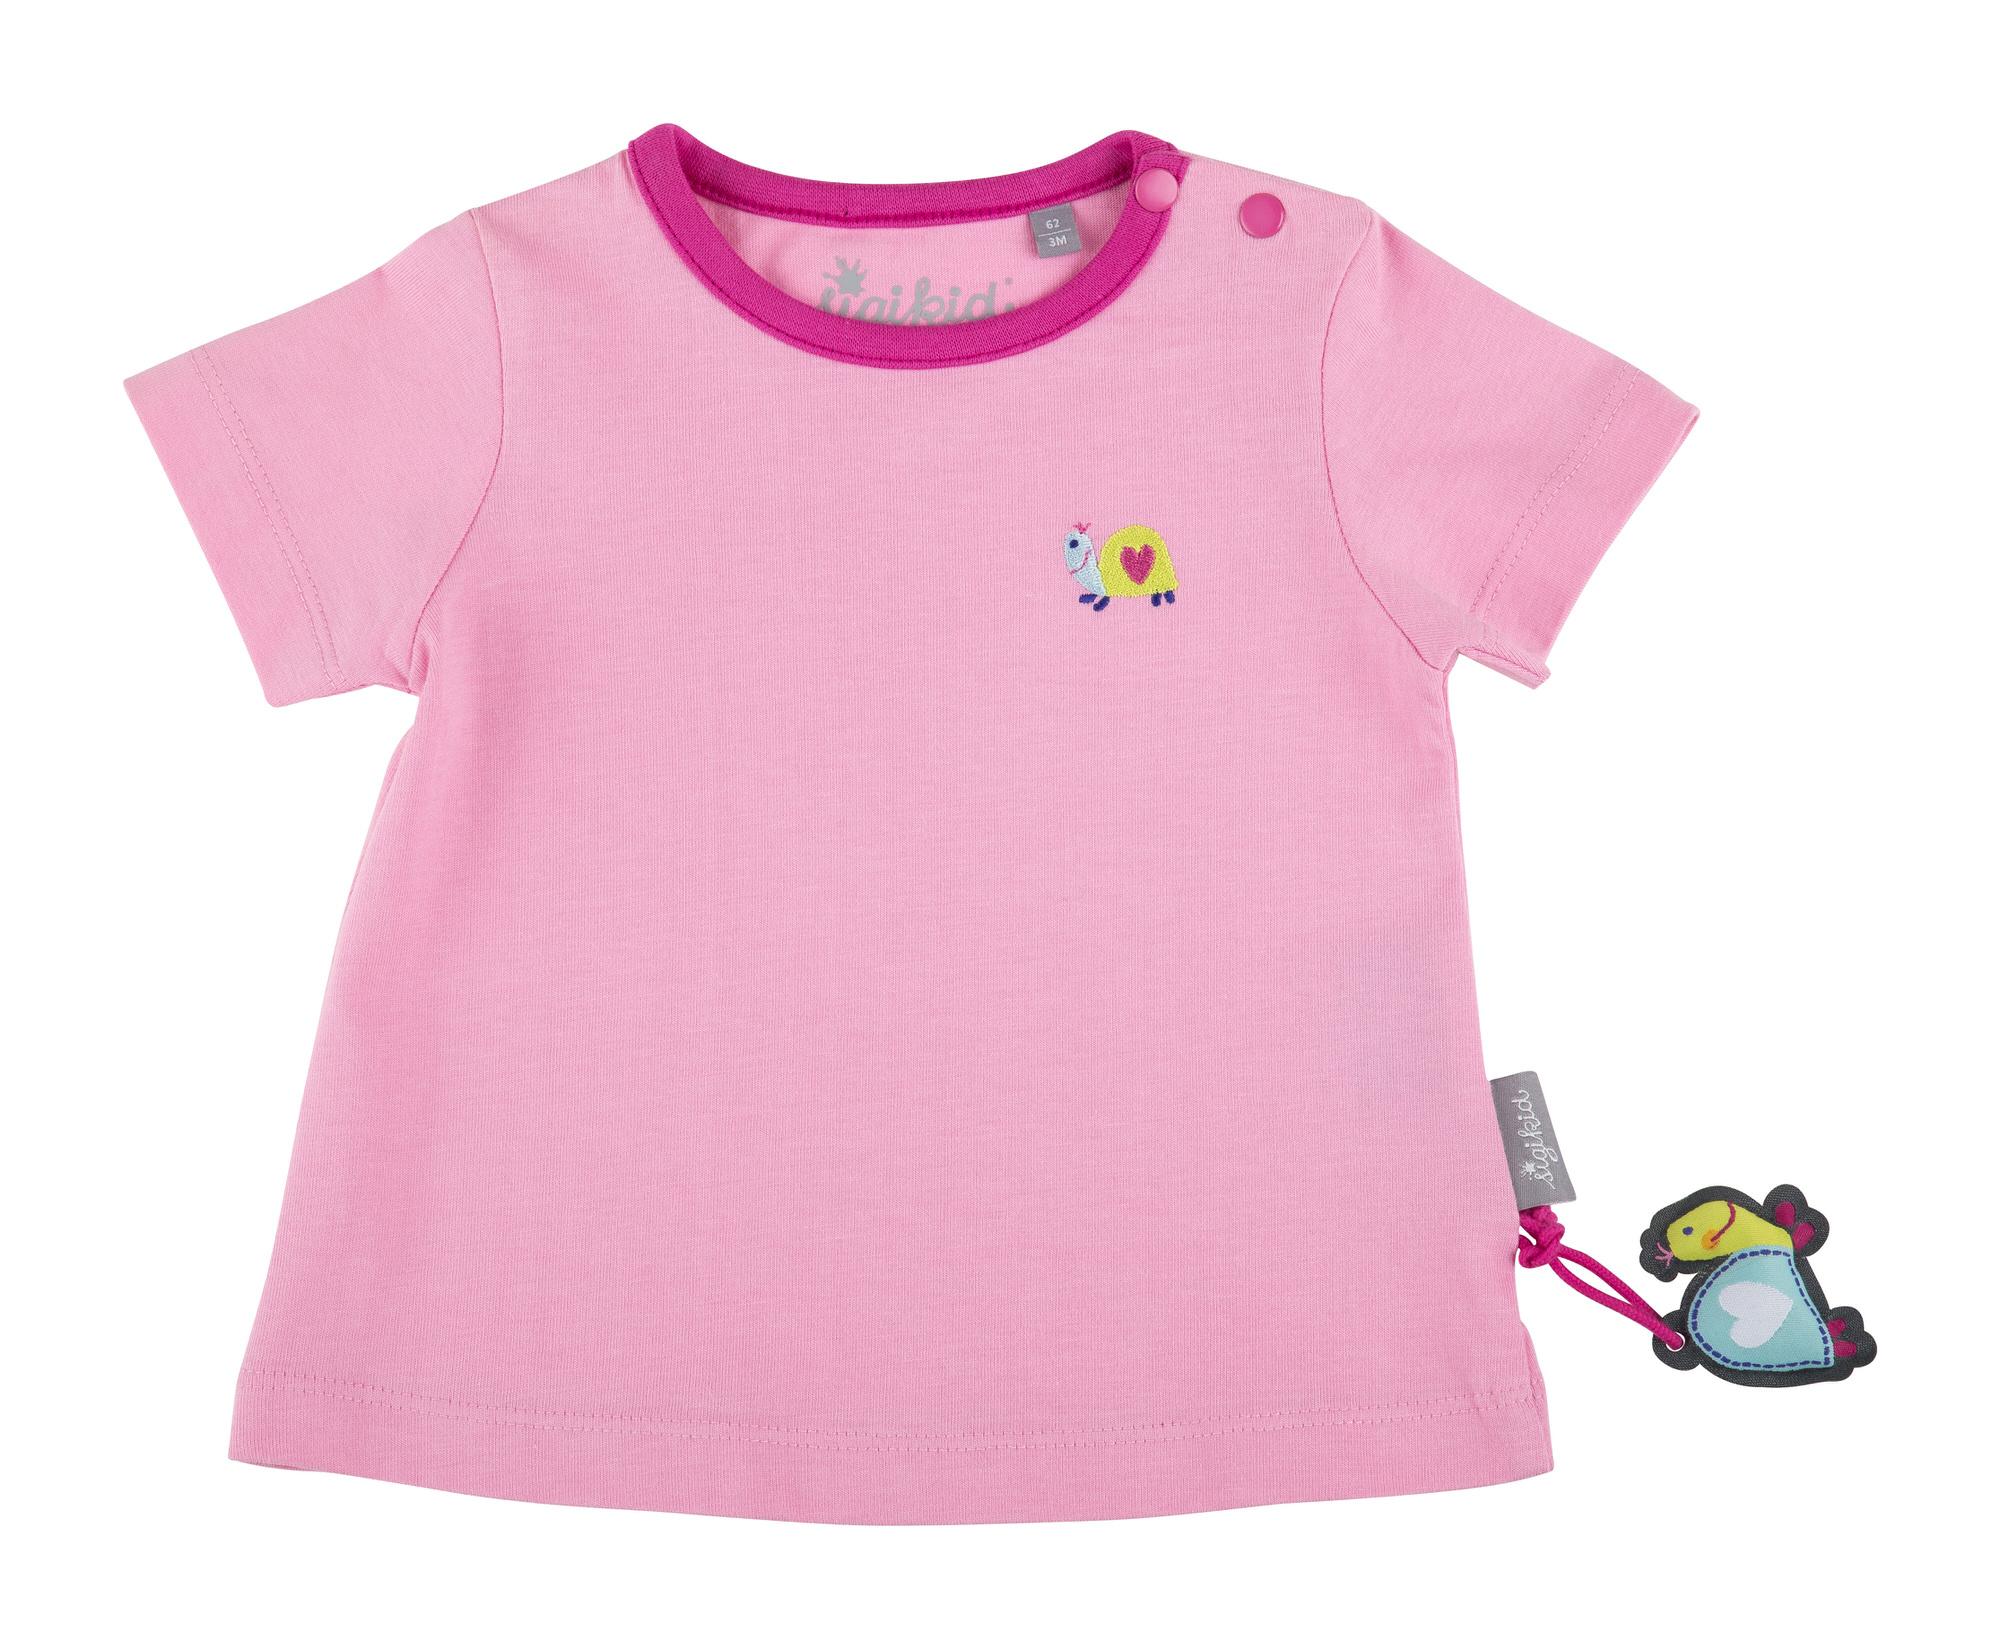 Sigikid Oberteil Pullover Sweatshirt Baumwolle Mädchen Rosa Baby Gr.62,68,74